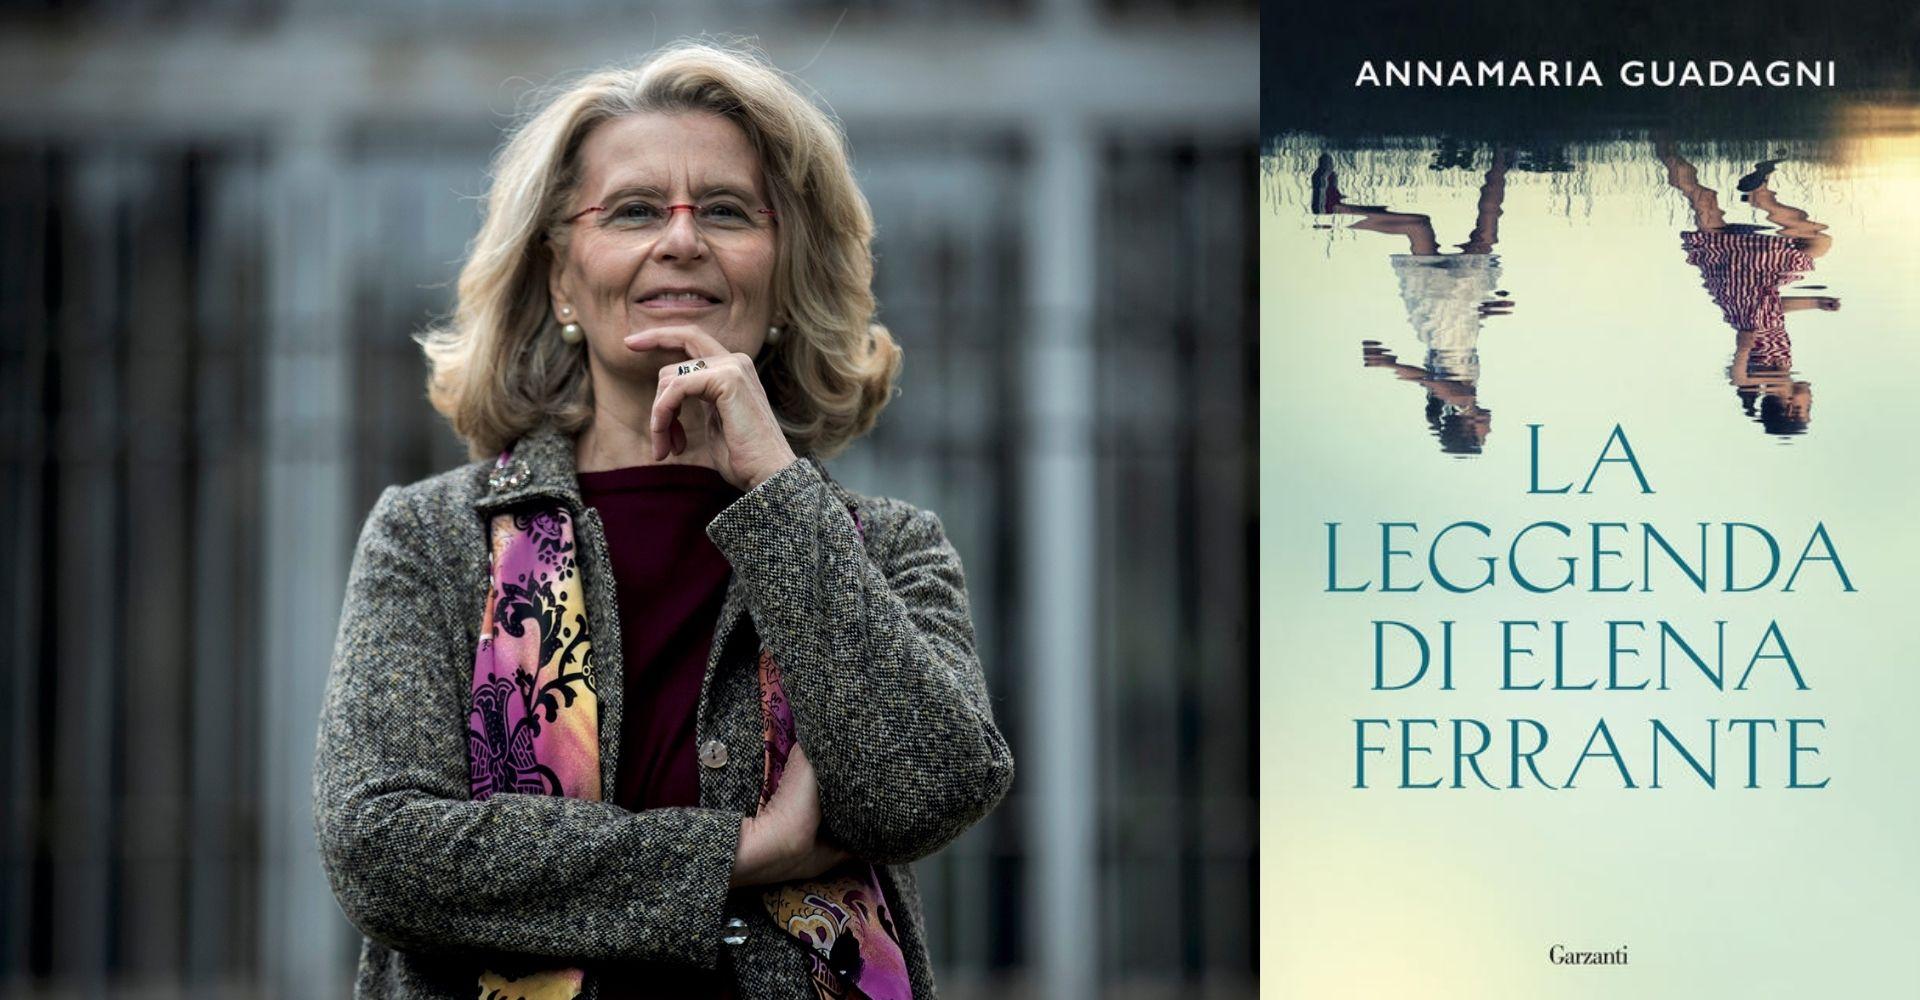 Elena Ferrante: cosa si nasconde dietro la leggenda?